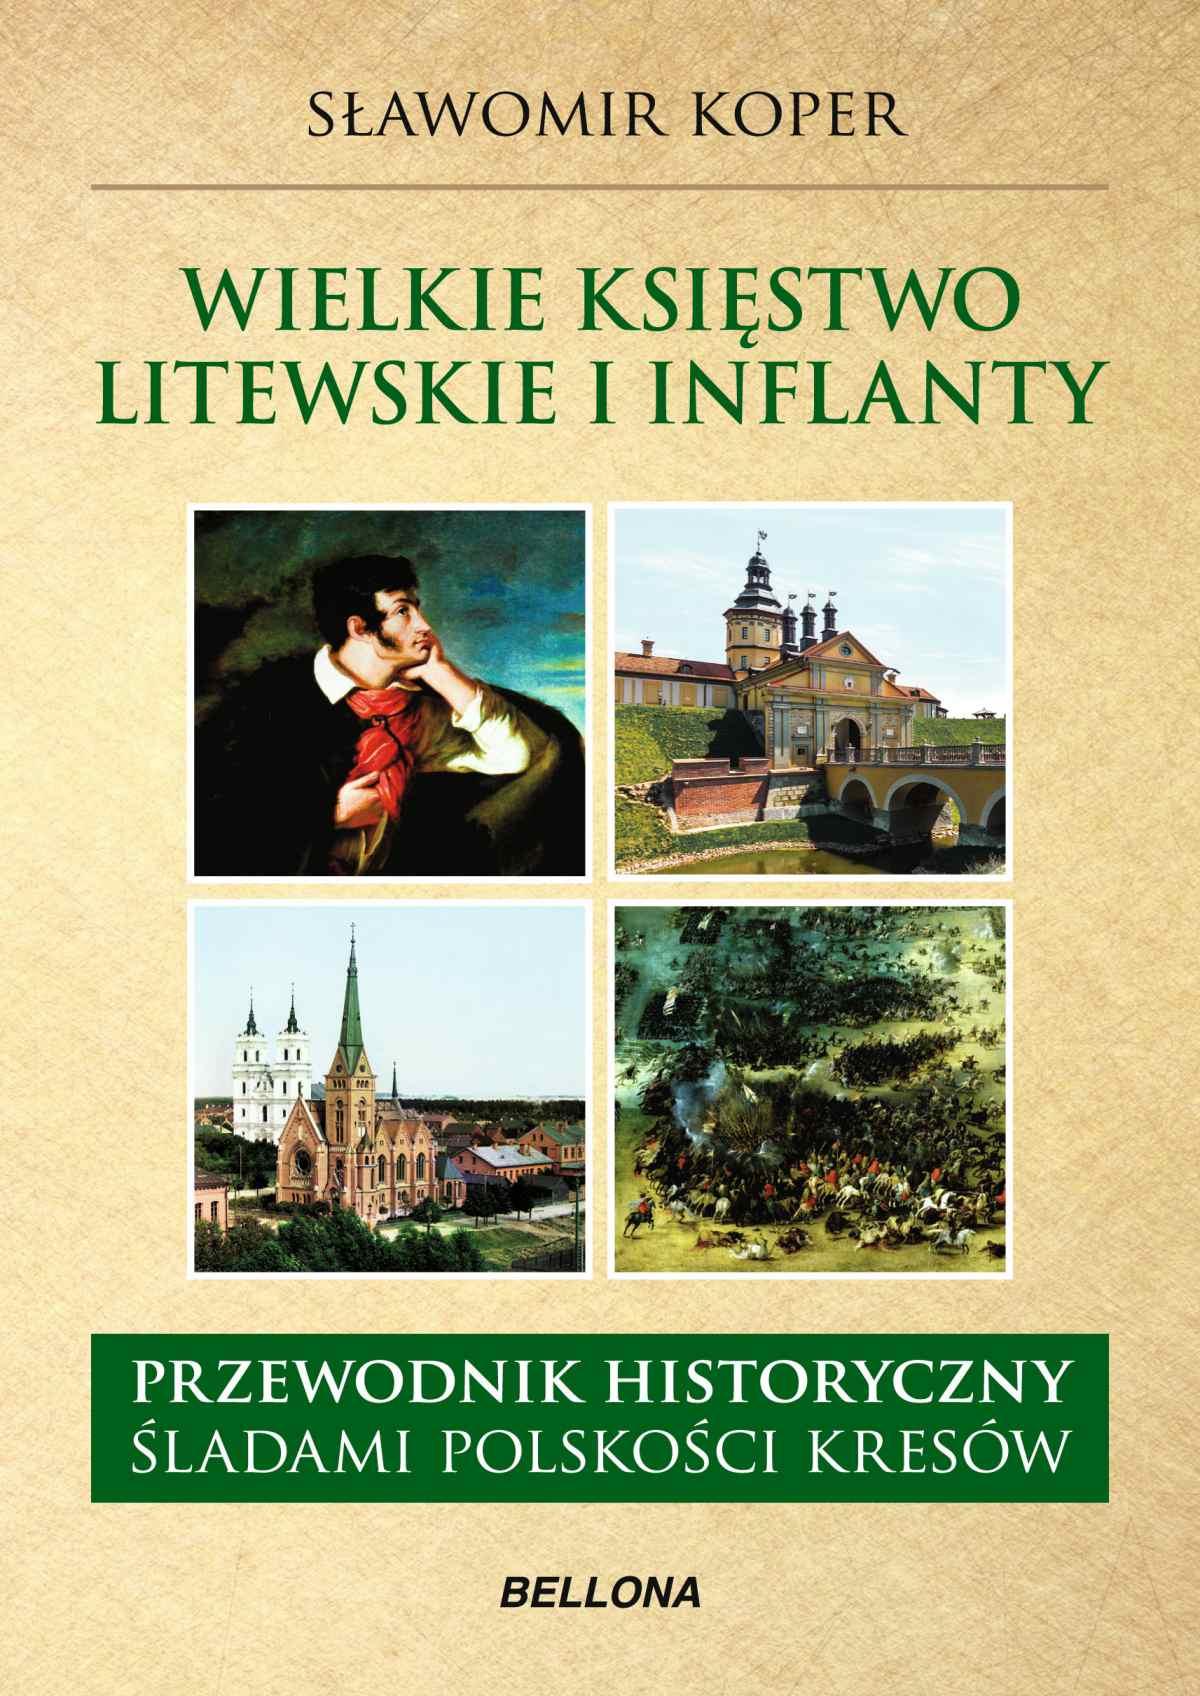 Wielkie księstwo Litewskie i Inflanty - Ebook (Książka na Kindle) do pobrania w formacie MOBI